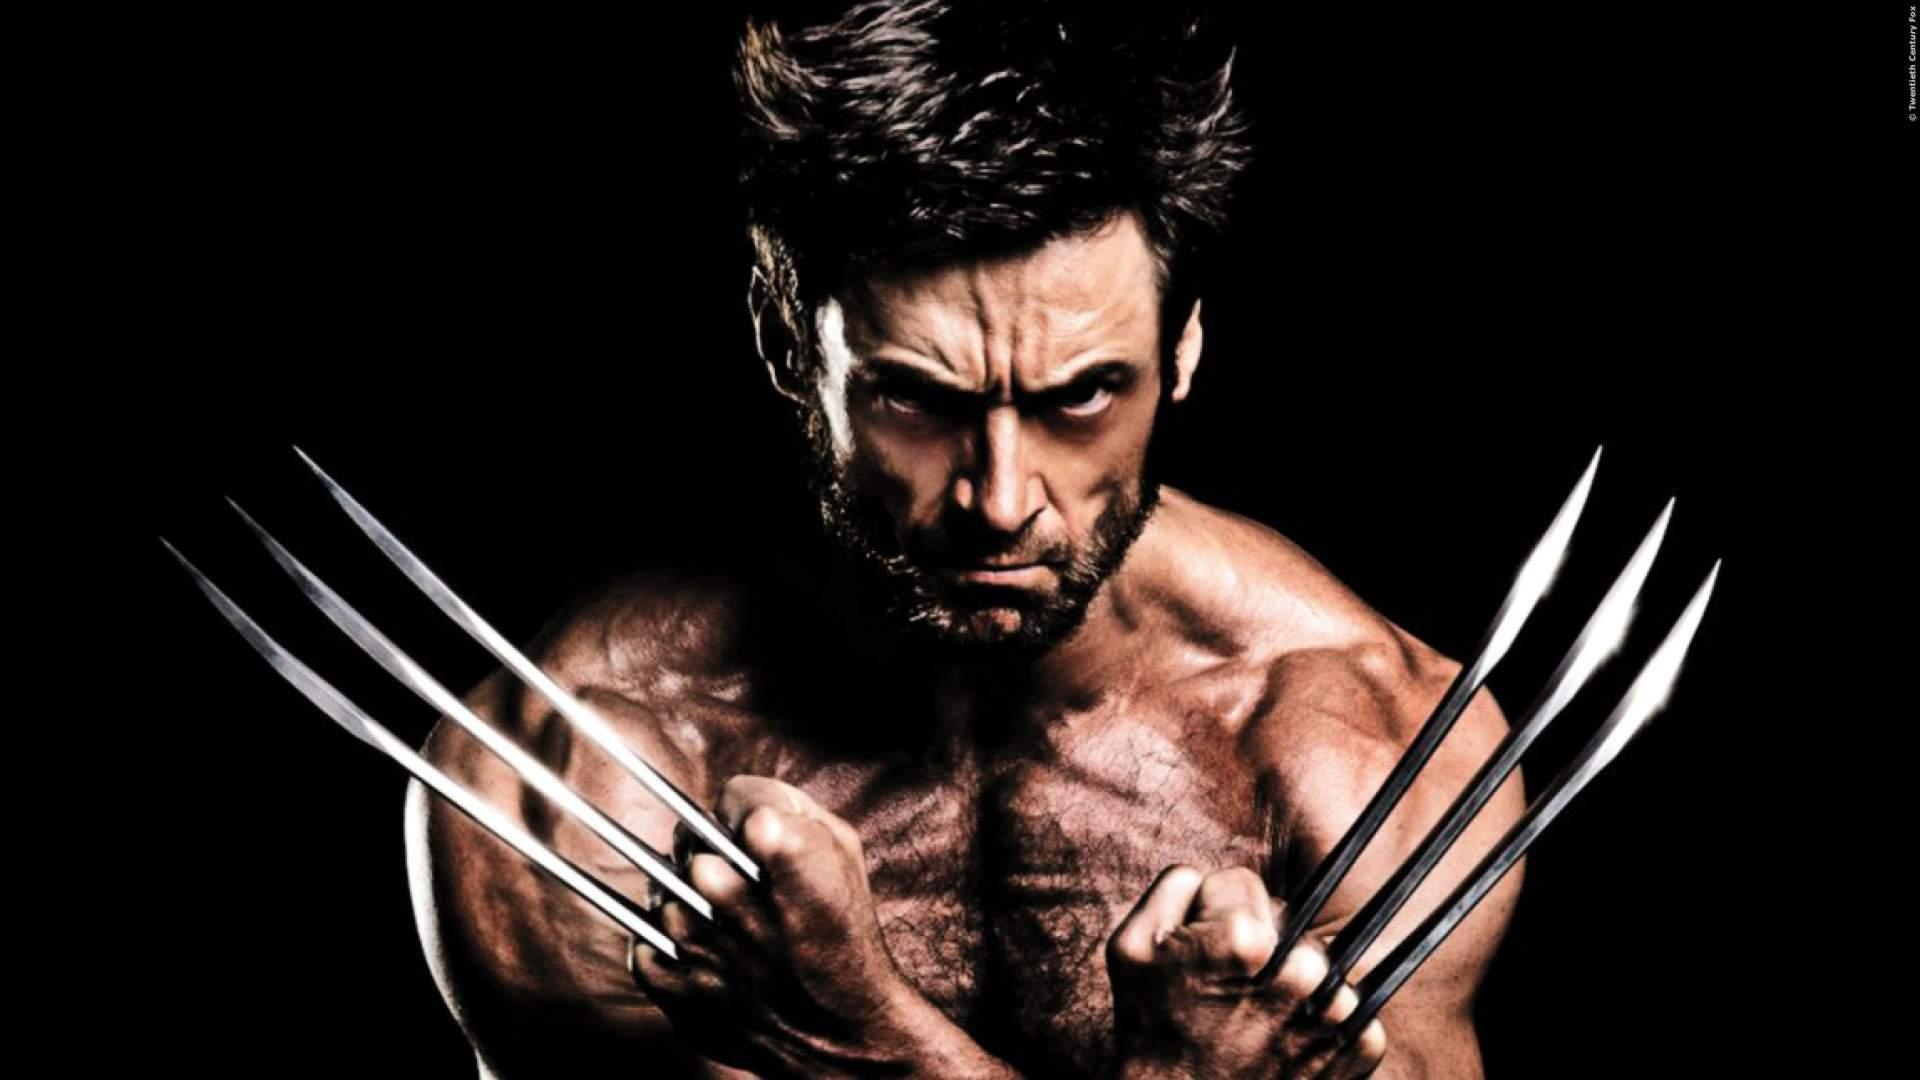 GERÜCHT: Harry Potter wird neuer 'Wolverine' - Macht Marvel das wirklich?